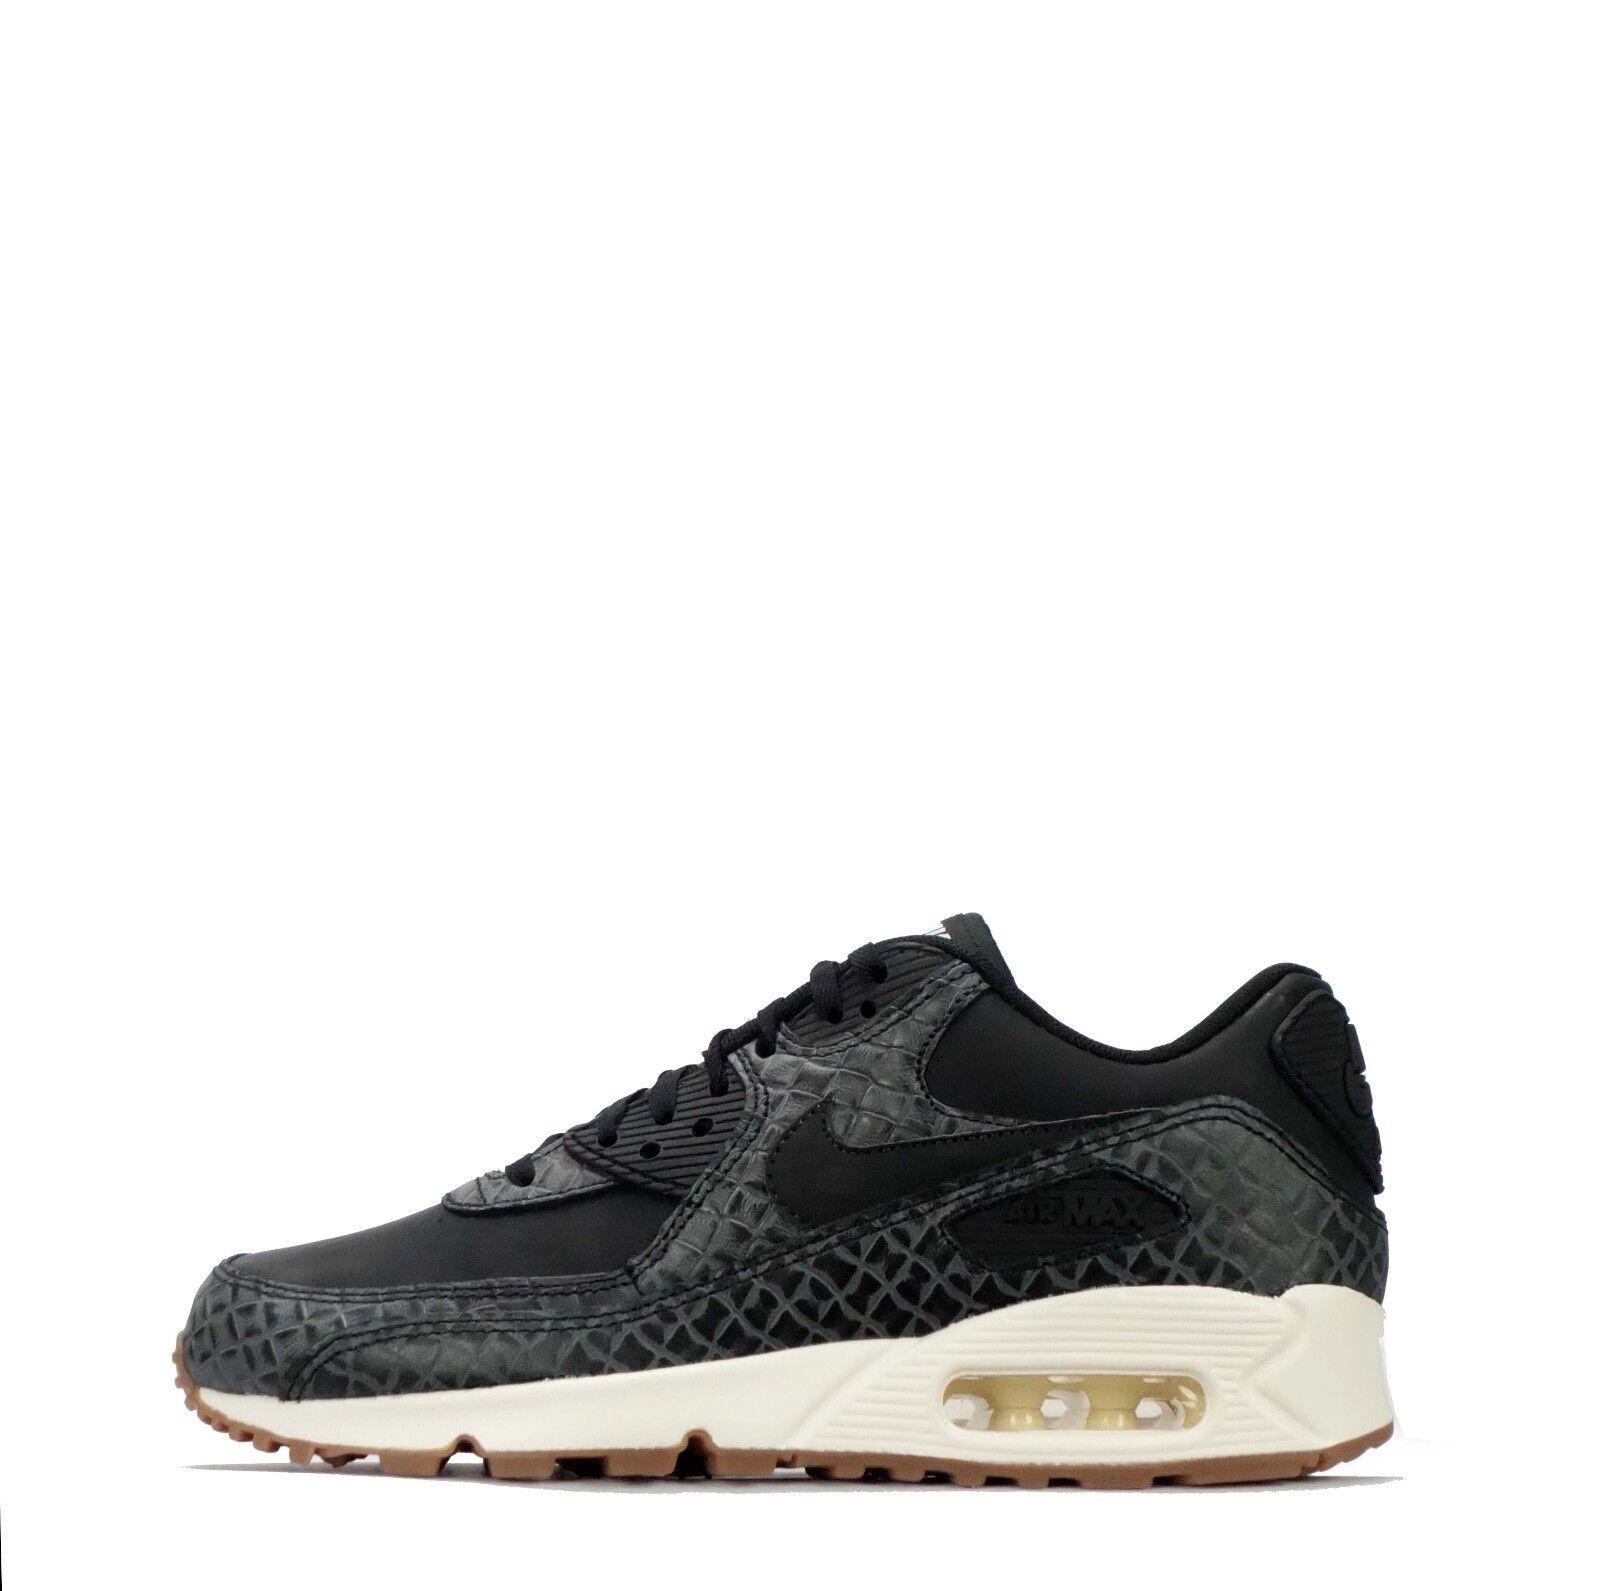 hot sale online 1f43a 27c17 Nike Air Max 90 Premio Da Donna In Nero   Vela fea962